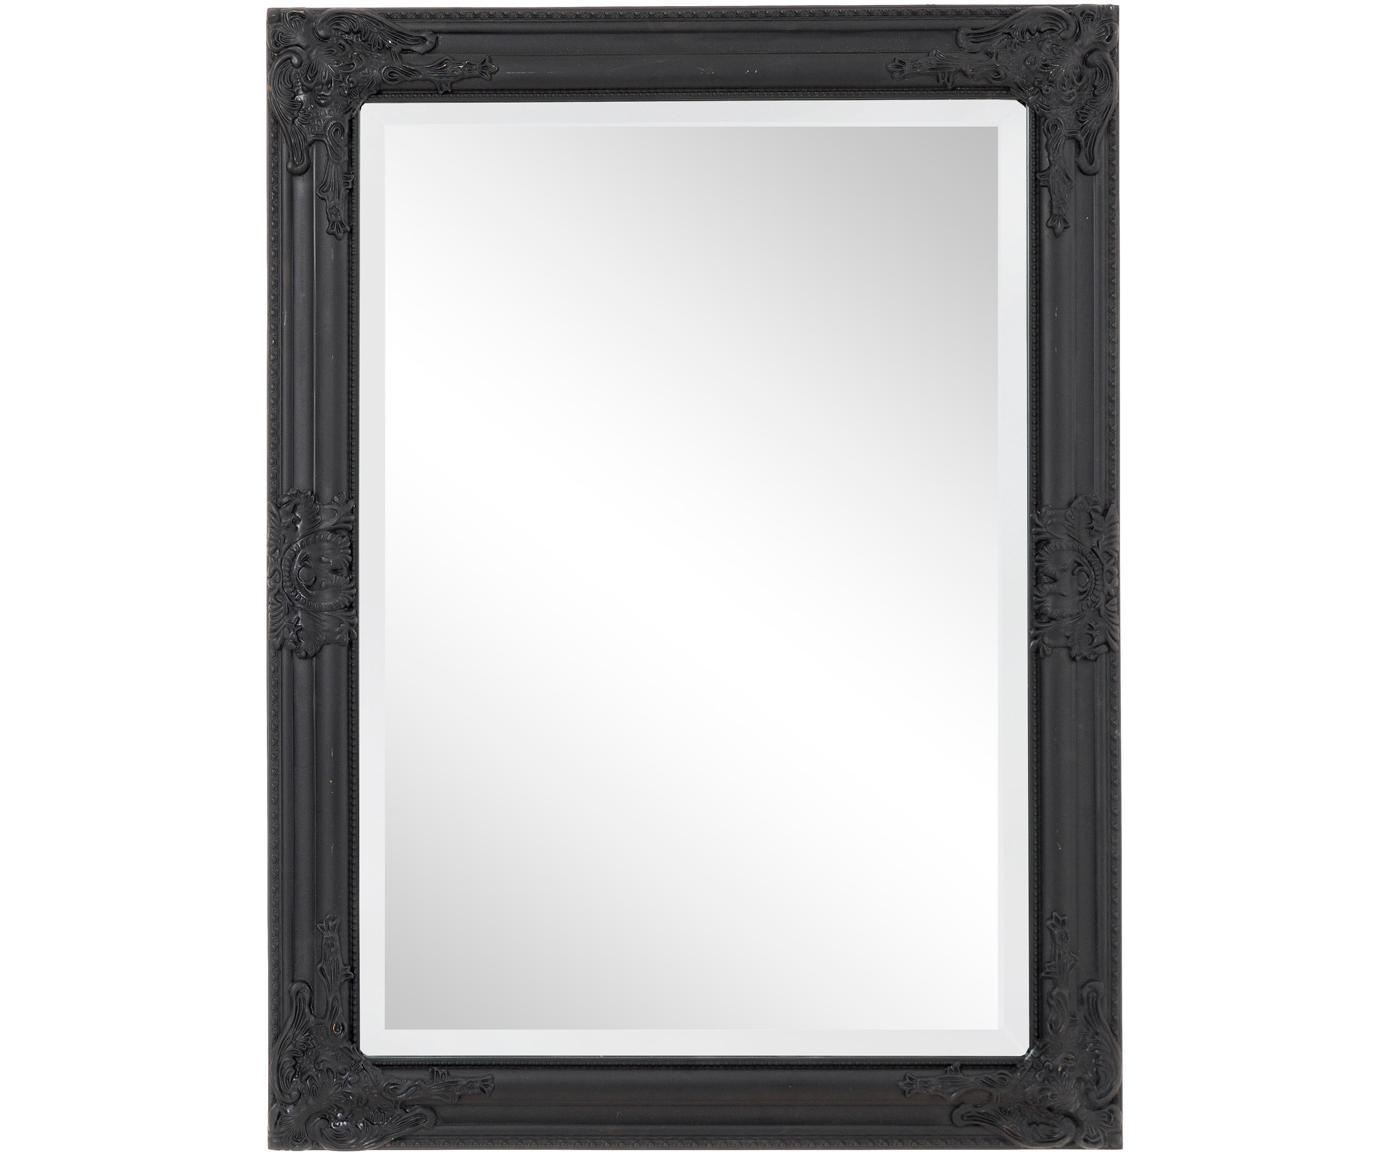 Wandspiegel Miro mit schwarzem Holzrahmen, Rahmen: Holz, beschichtet, Spiegelfläche: Spiegelglas, Schwarz, 62 x 82 cm